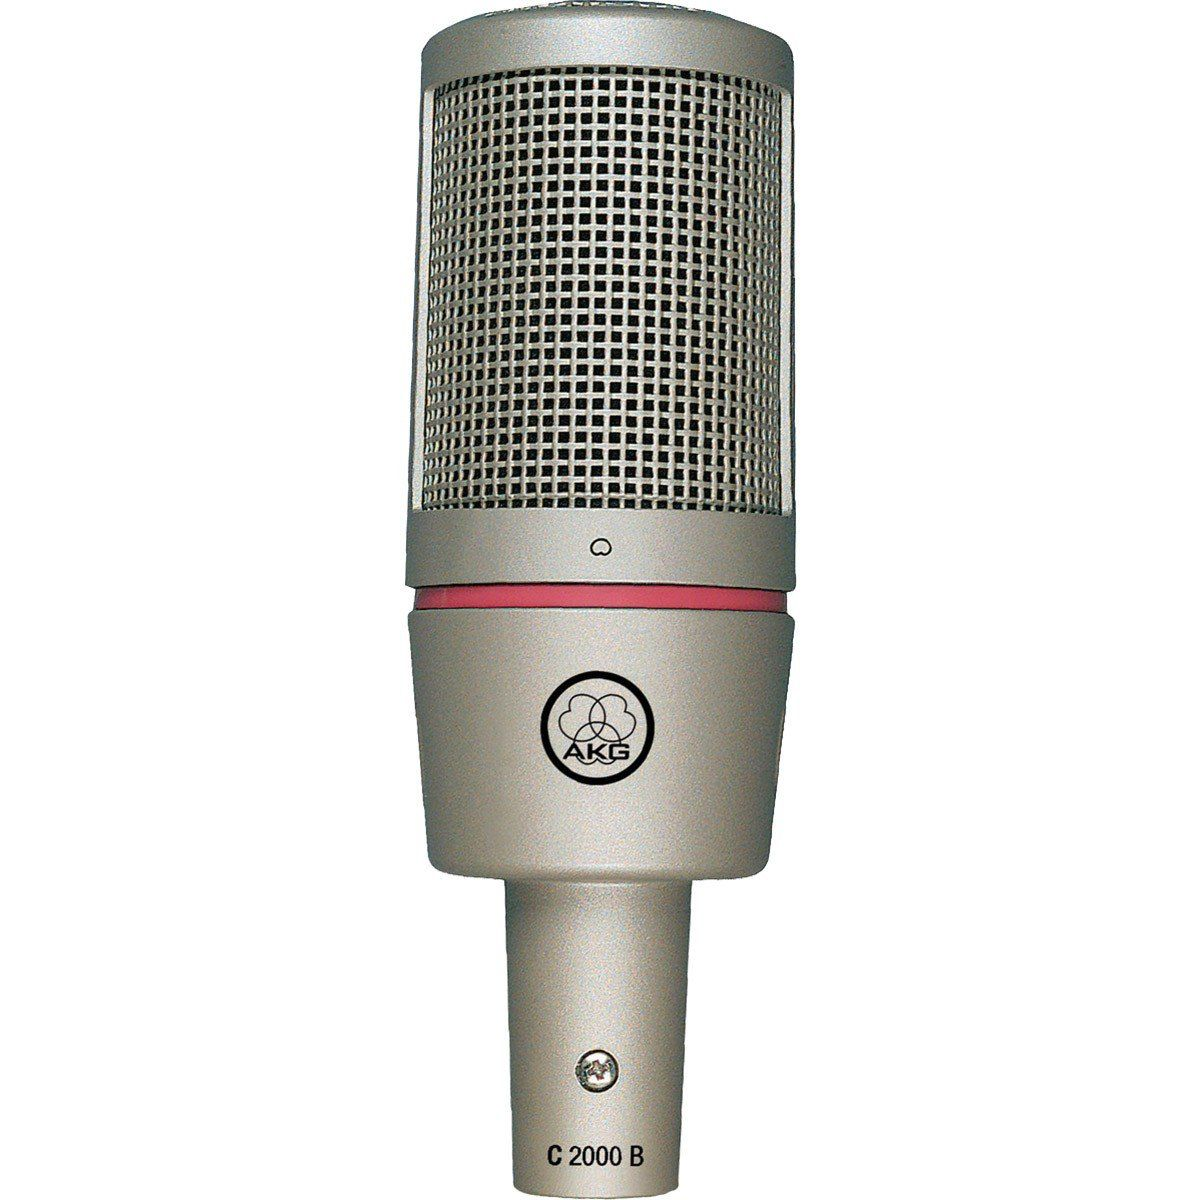 Akg C2000 B Microfone Cardioide Condensador Akg C2000-B de Baixo Ruído para Gravação